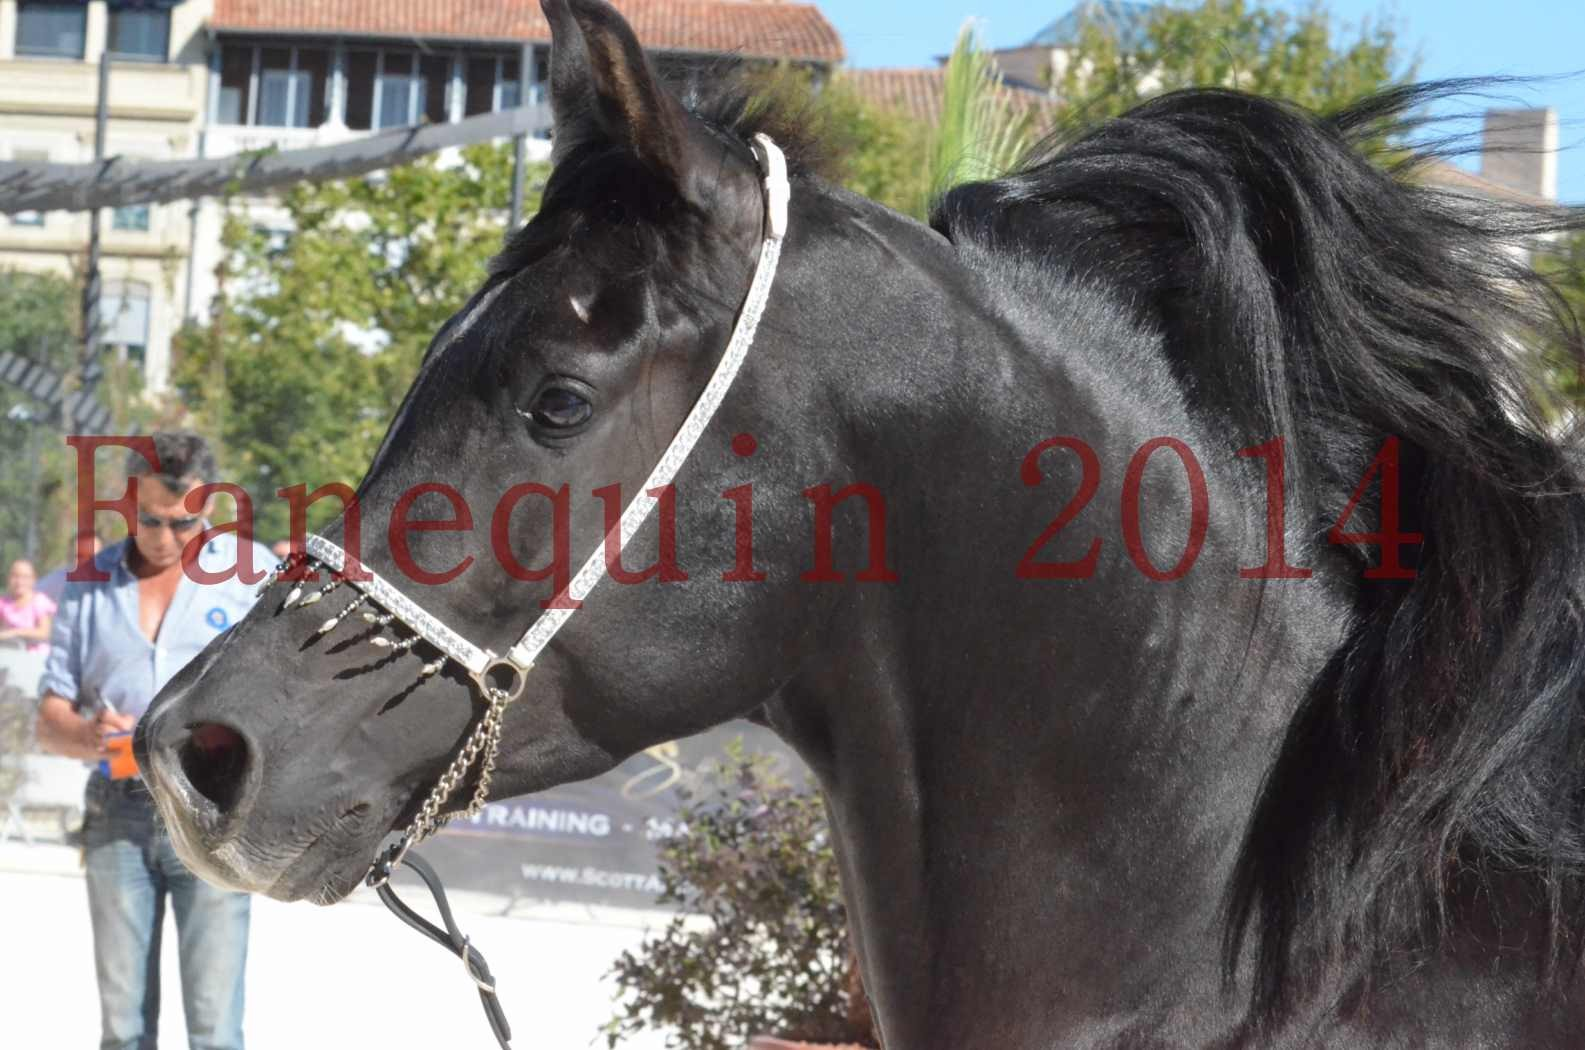 Concours National de Nîmes de chevaux ARABES 2014 - Sélection - Portraits - BALTYK DE CHAUMONT - 02